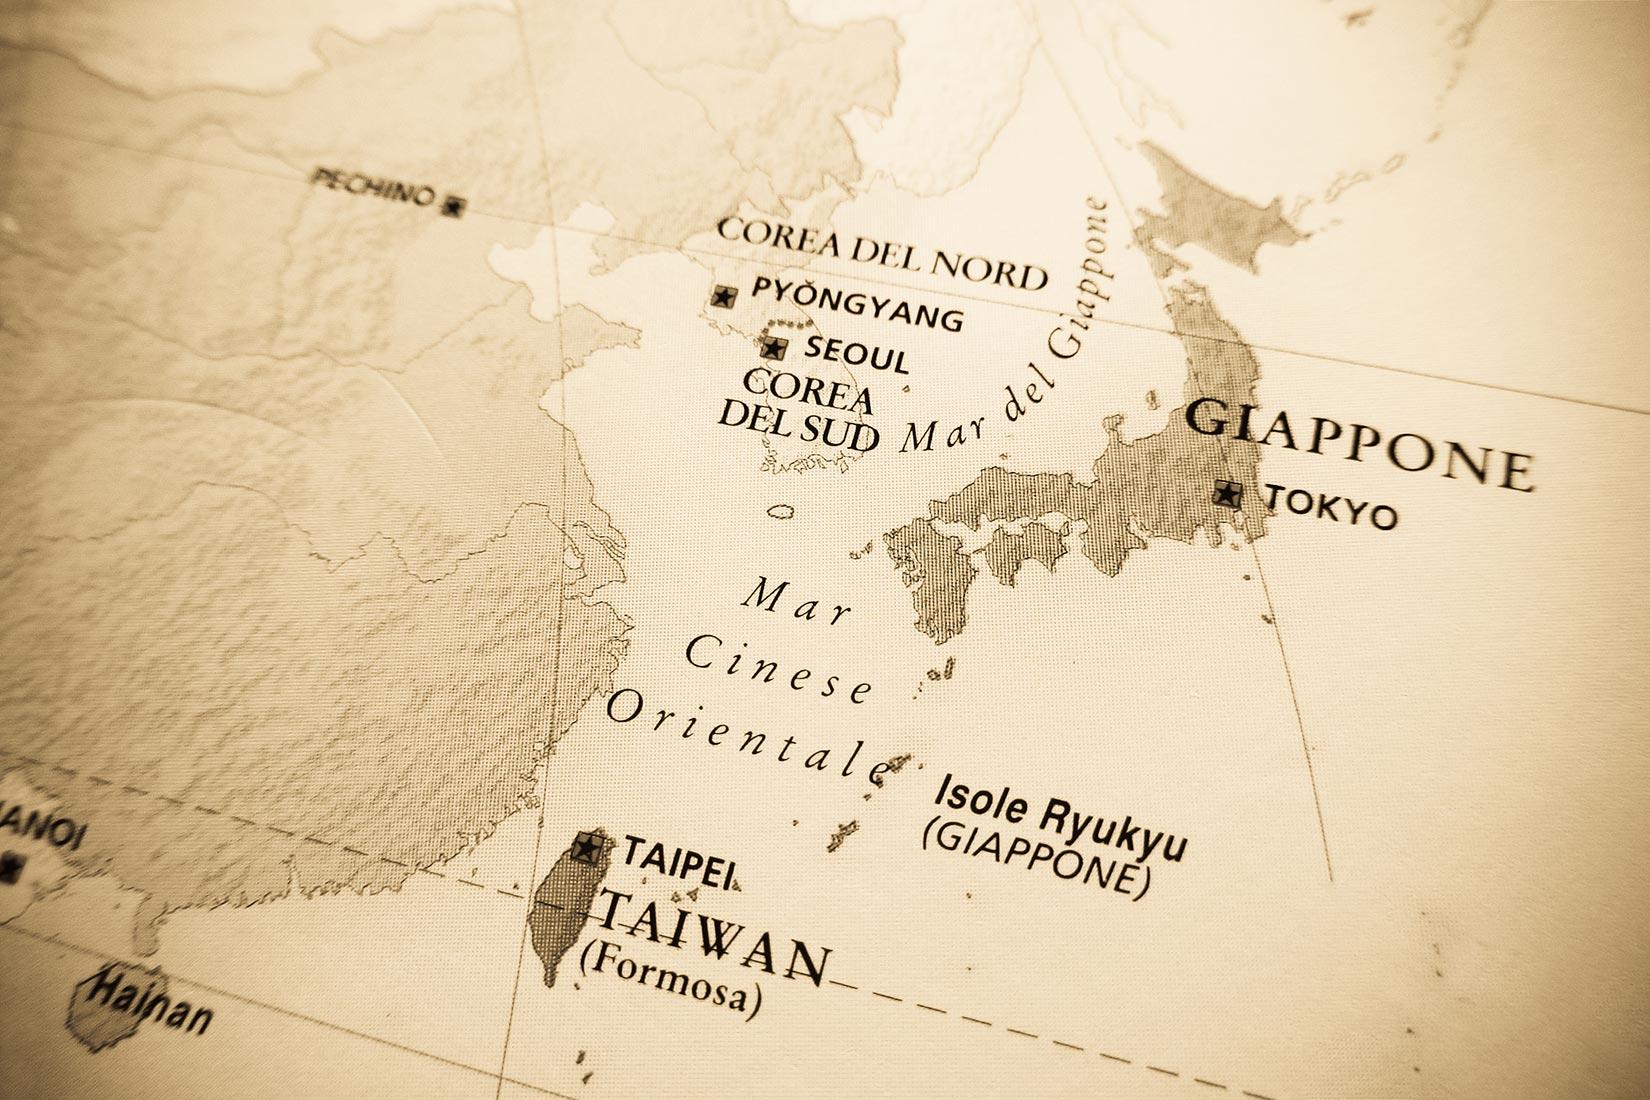 台湾危機と日米の対応(後編)<br>― 日本はどう準備・対応すべきか? ―